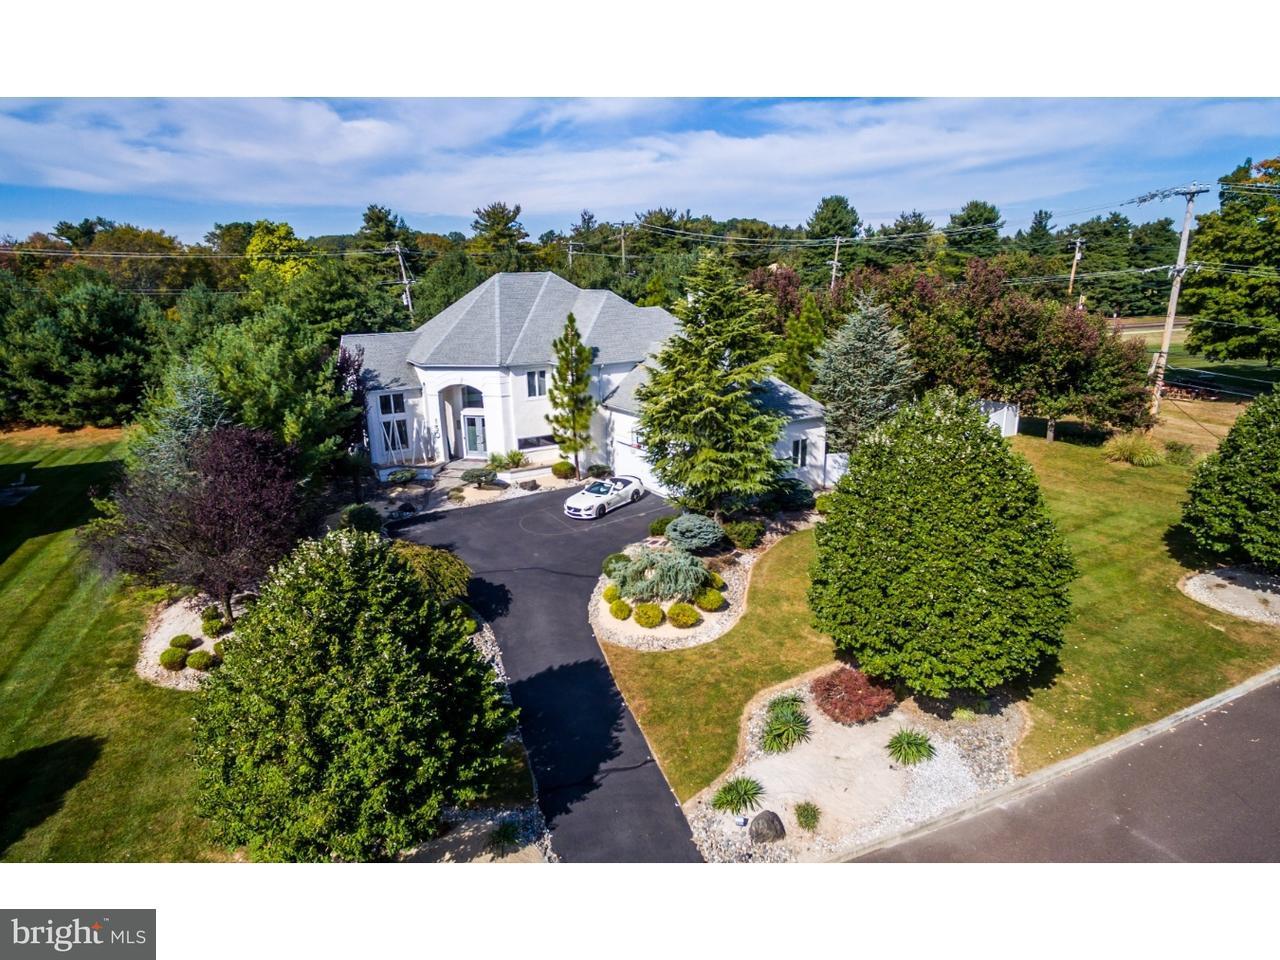 Частный односемейный дом для того Продажа на 150 MAUREEN Road Holland, Пенсильвания 18966 Соединенные Штаты